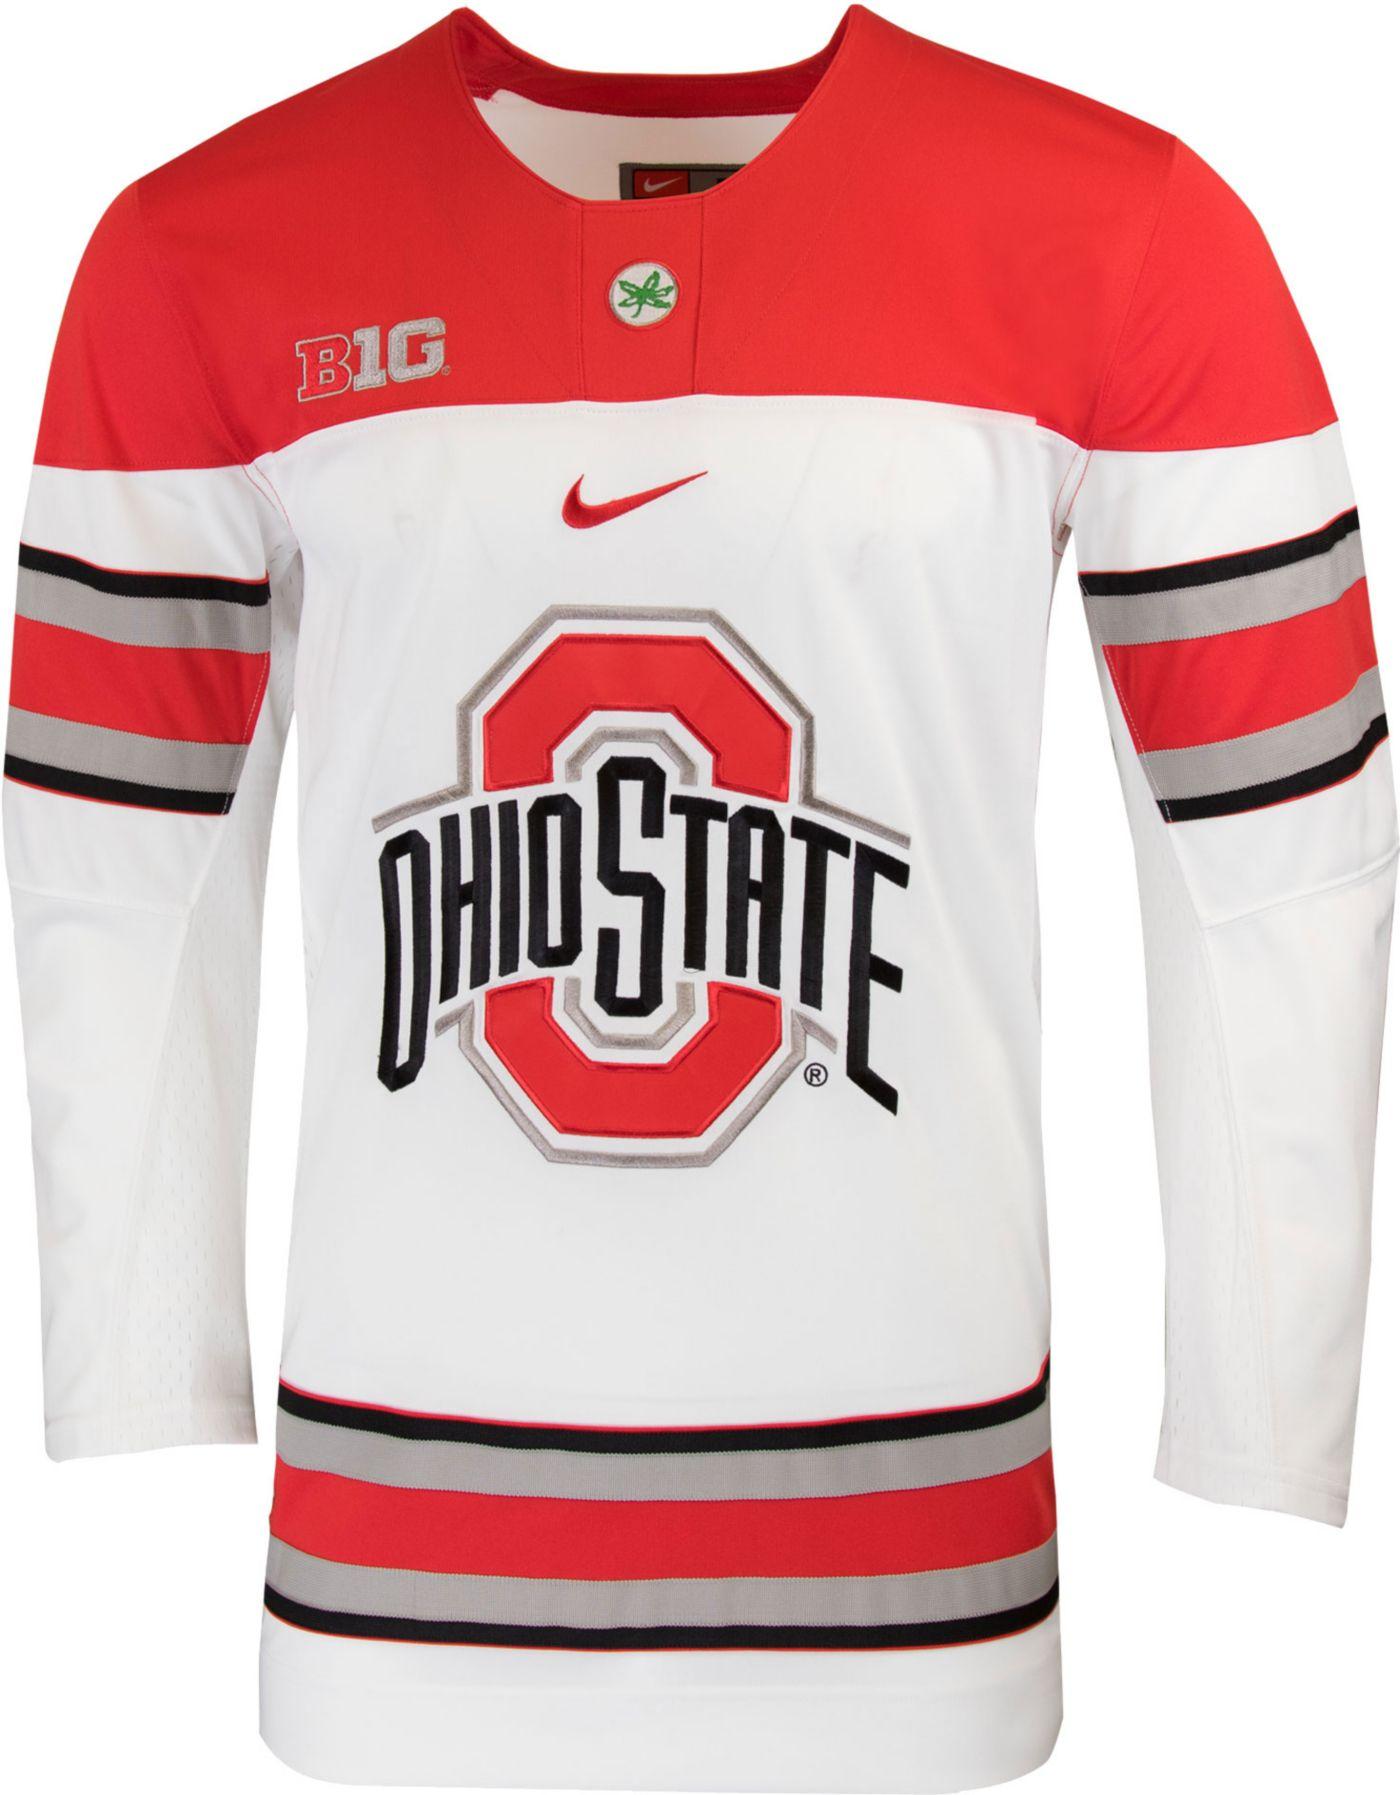 Nike Men's Ohio State Buckeyes Replica Hockey White Jersey